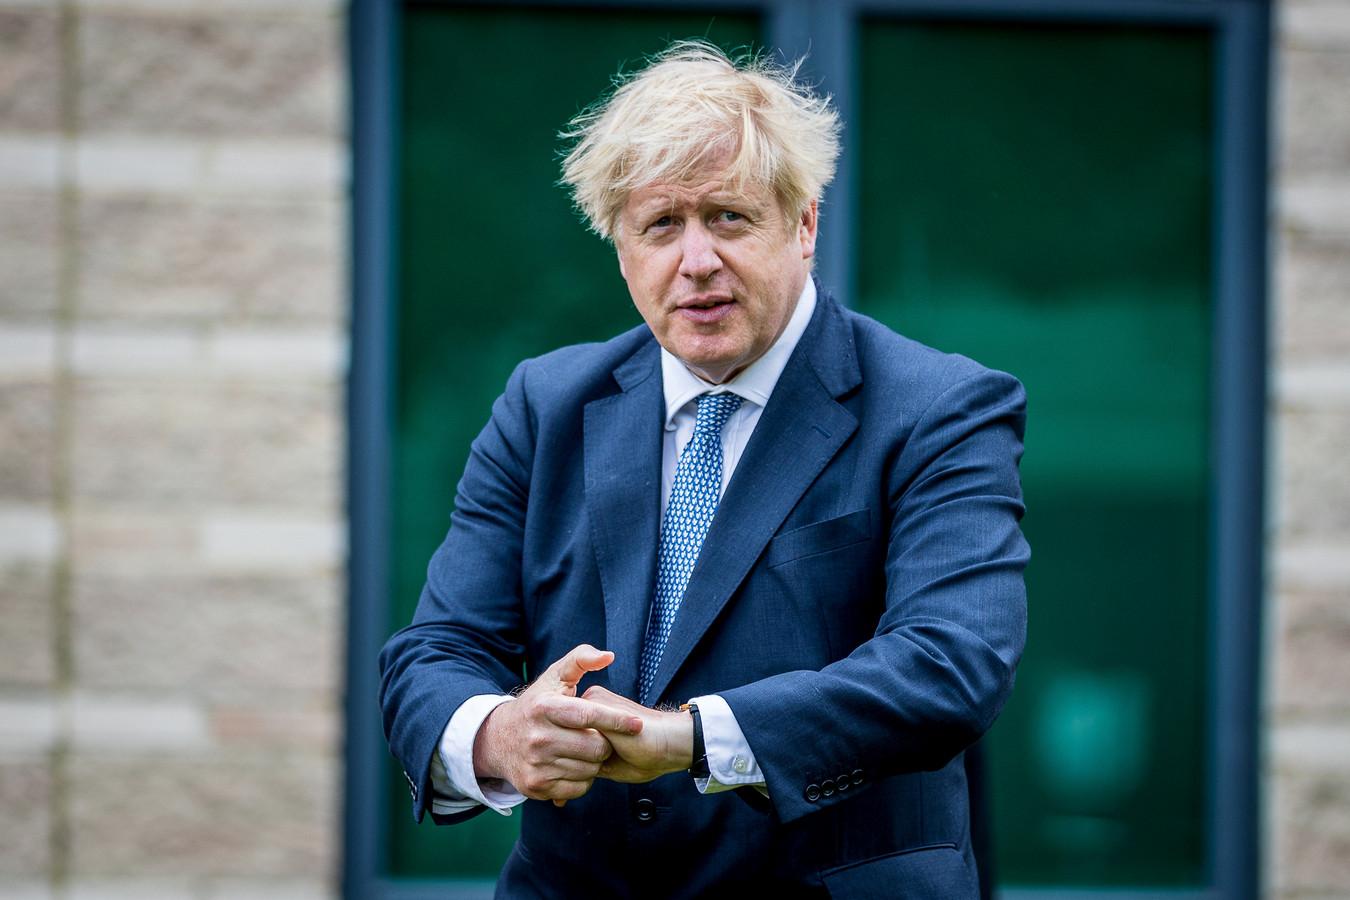 Critici zijn van mening dat het veranderende beleid van premier Boris Johnson een poging is om de aandacht af te leiden van zijn aanvankelijk trage reactie op het coronavirus.